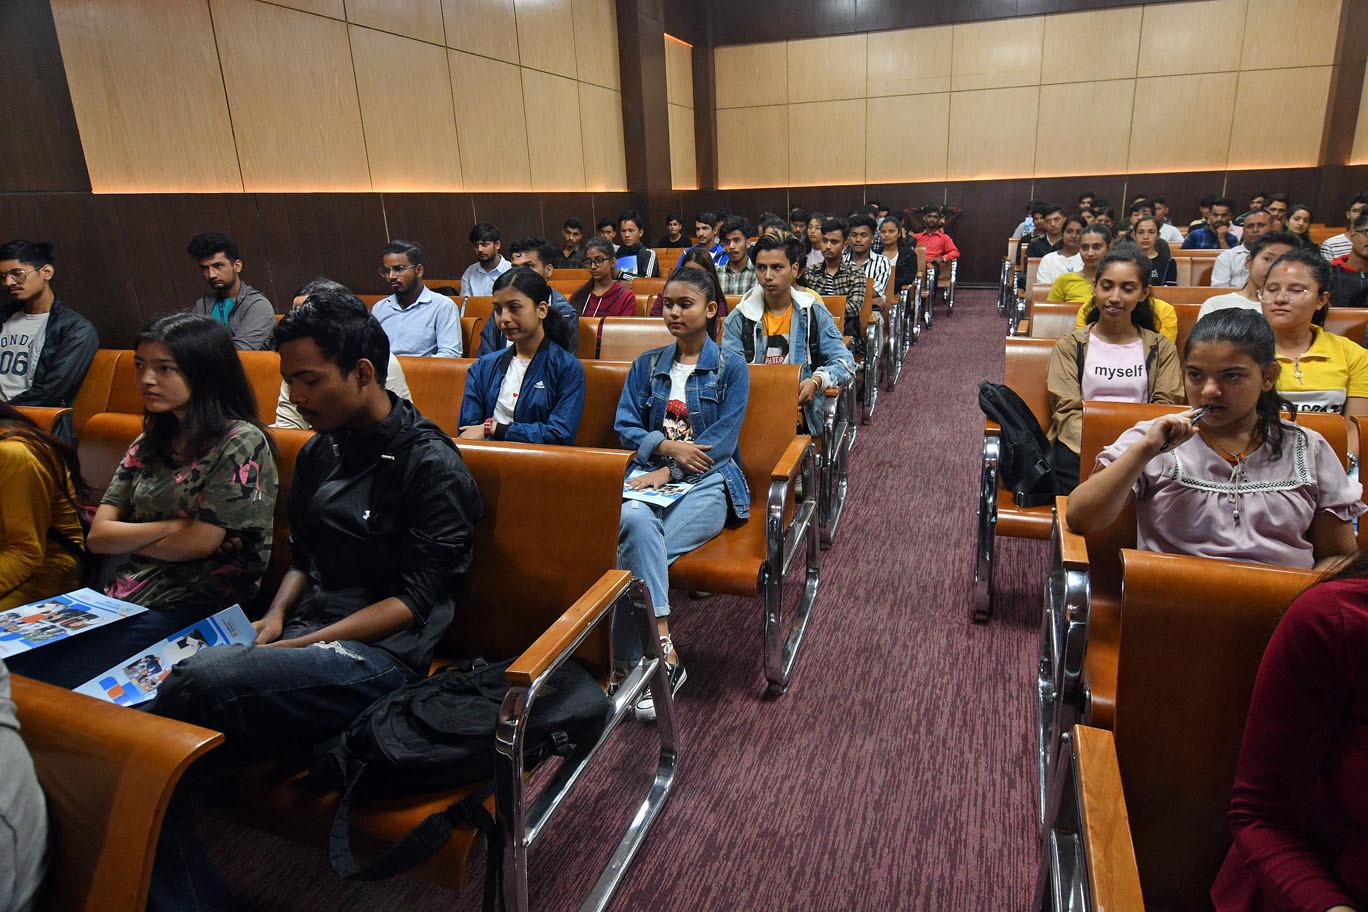 भर्चुअल शैक्षिक परामर्शको आकर्षणः ५५ हजार भिजिटर